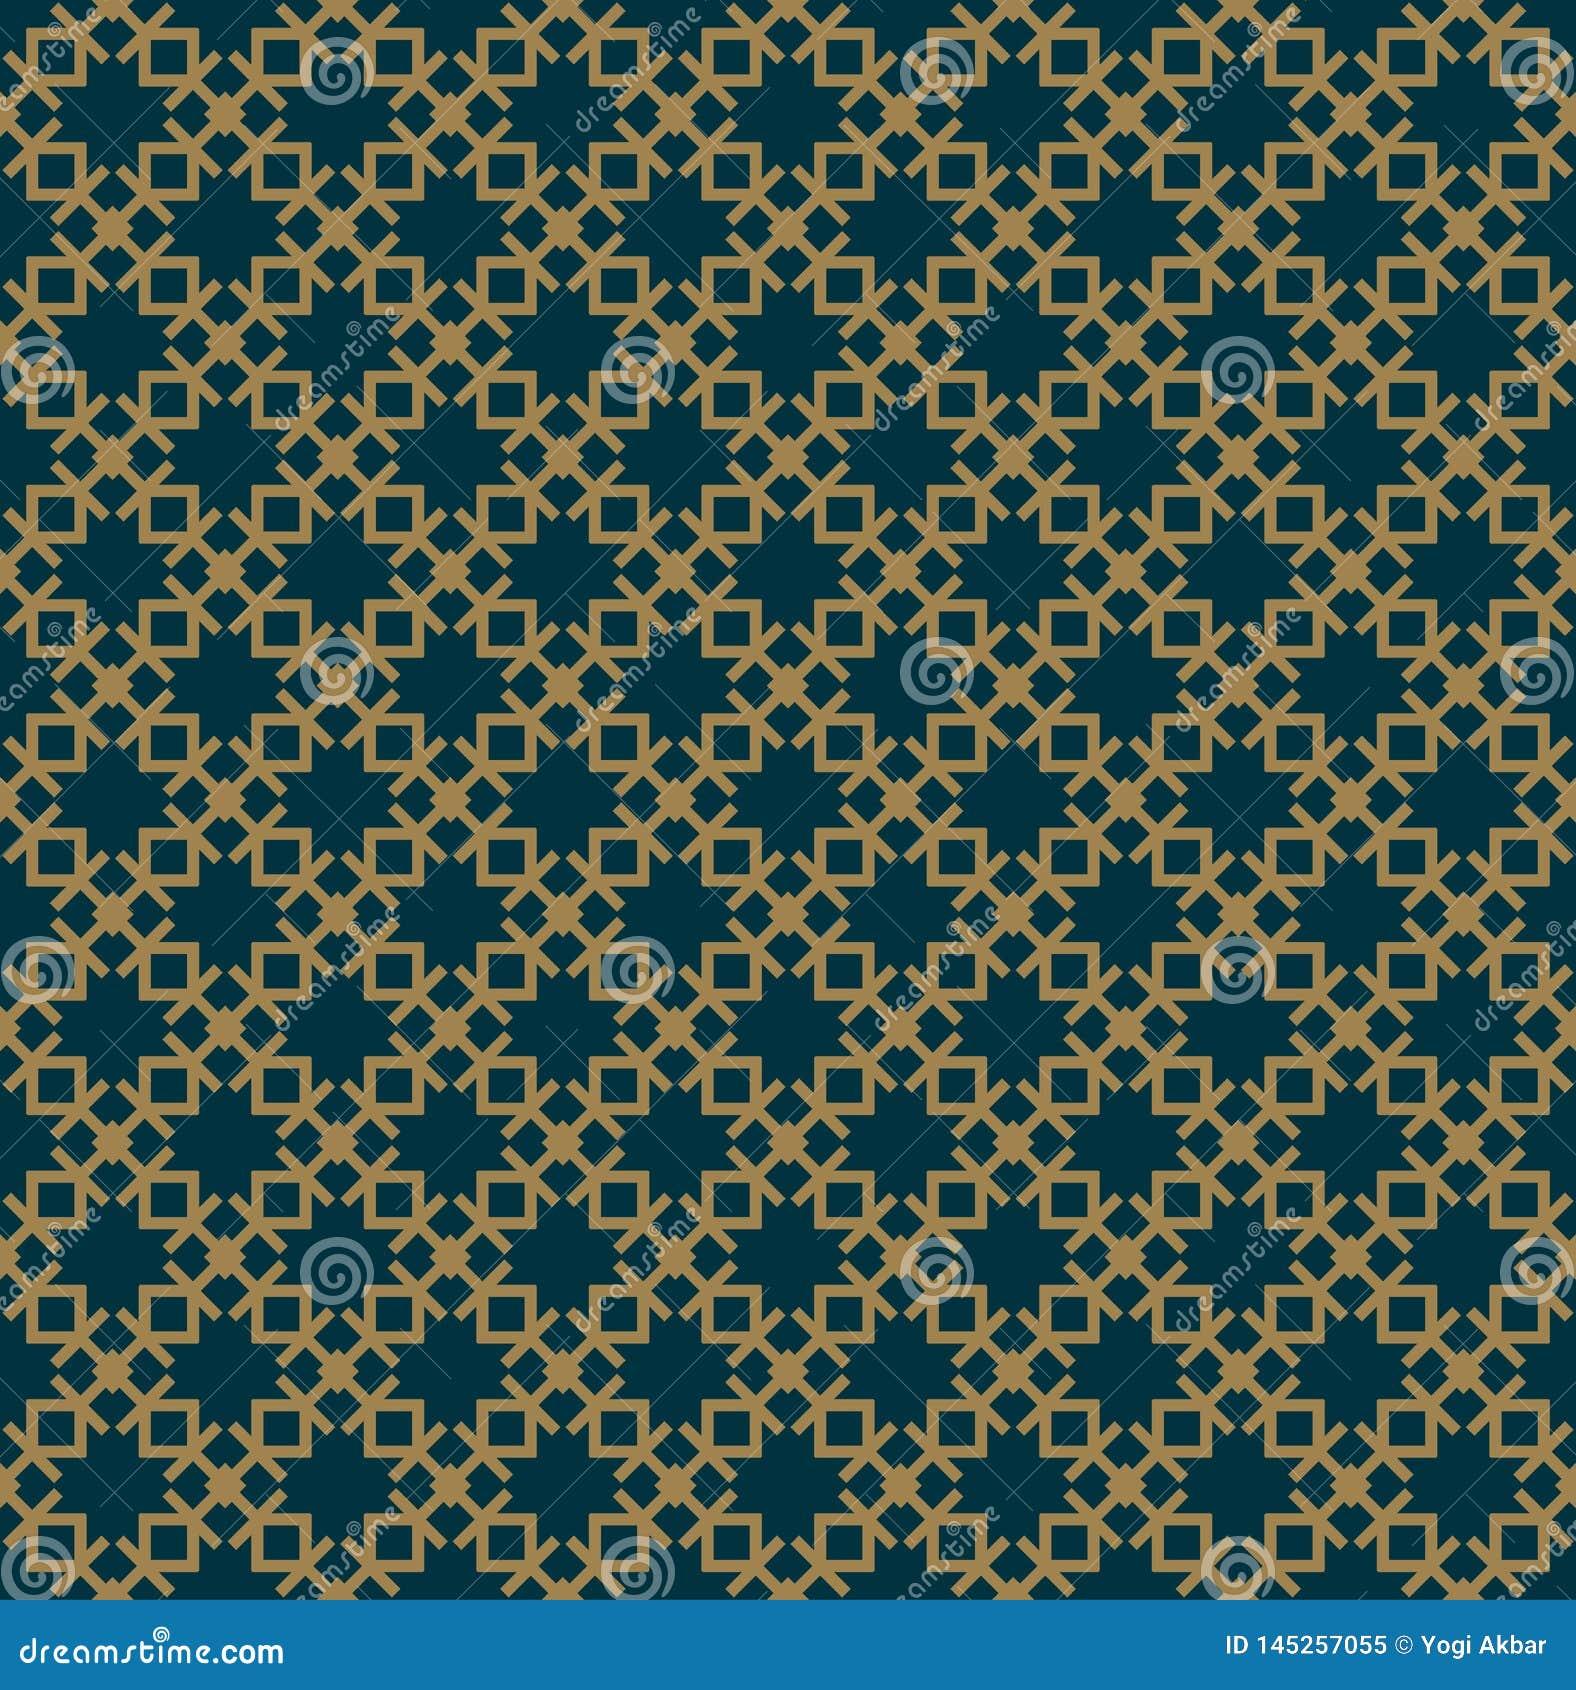 El modelo incons?til abstracto, Vector el modelo incons?til Repetici?n del ornamento geom?trico color azul del oro de lujo